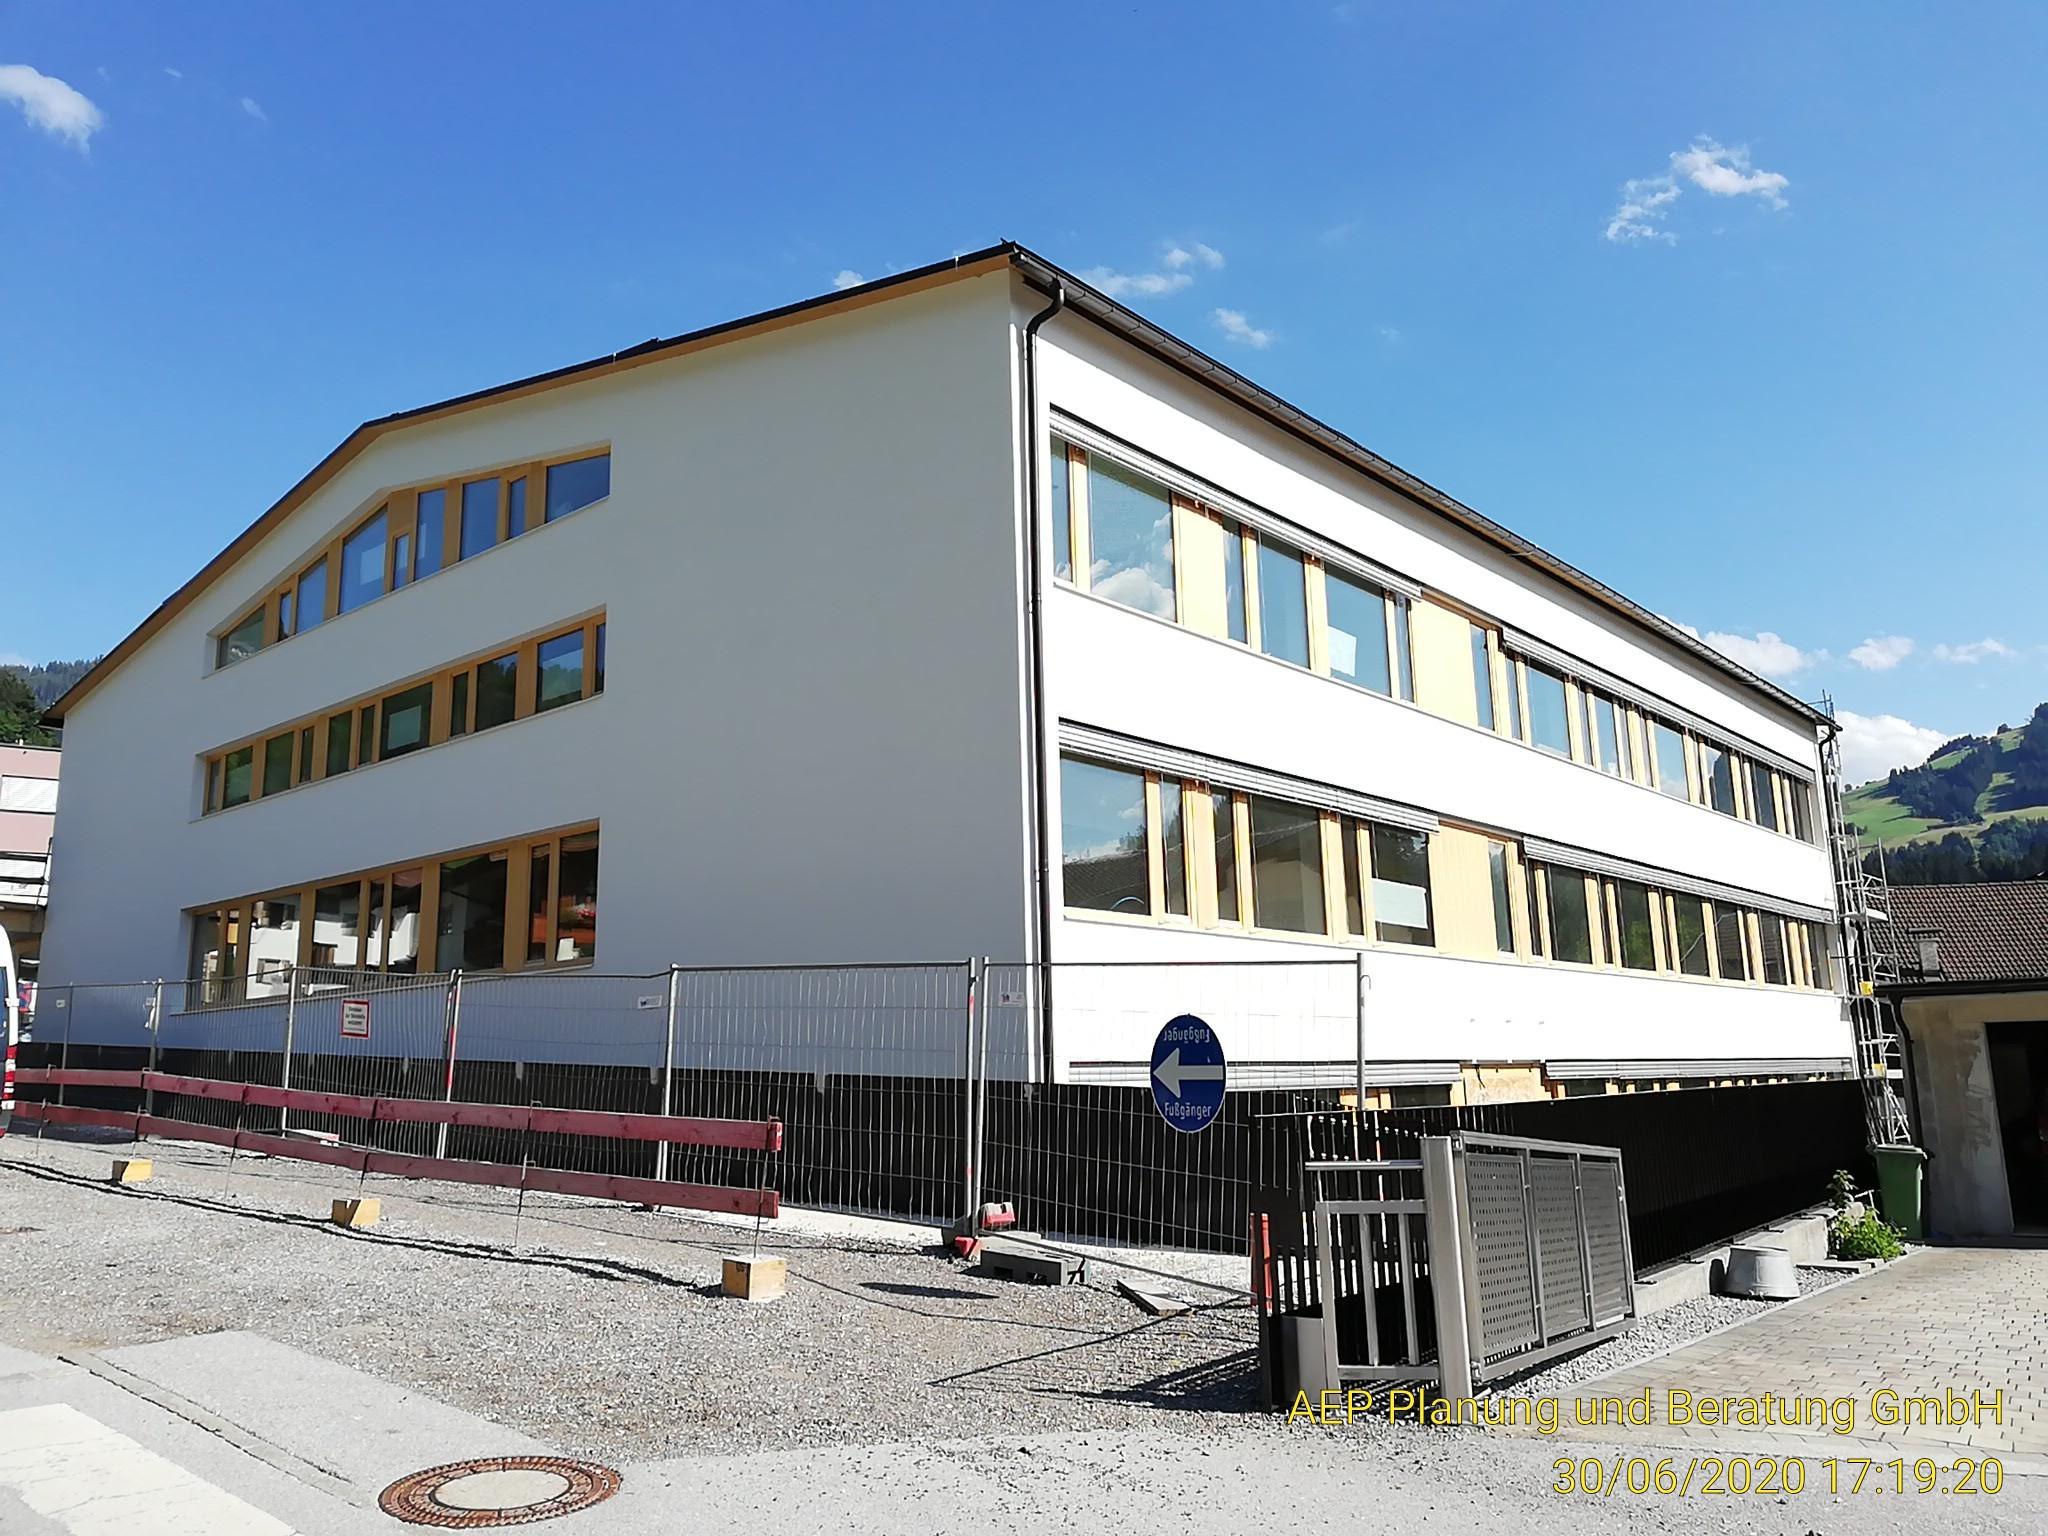 Foto: AEP Planung und Beratung GmbH